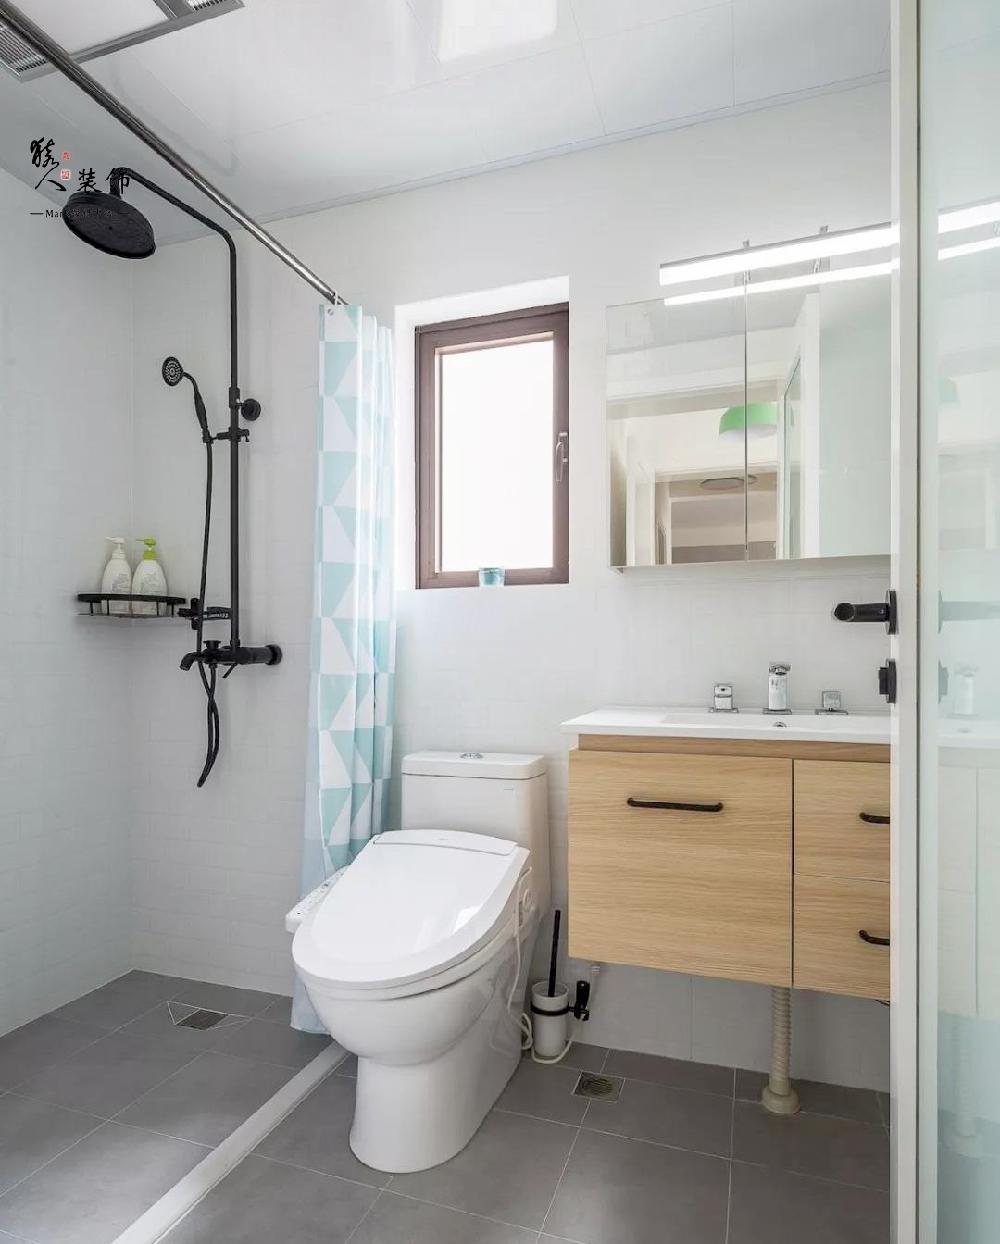 90平简约北欧三室 转角厨房超大空间14867423